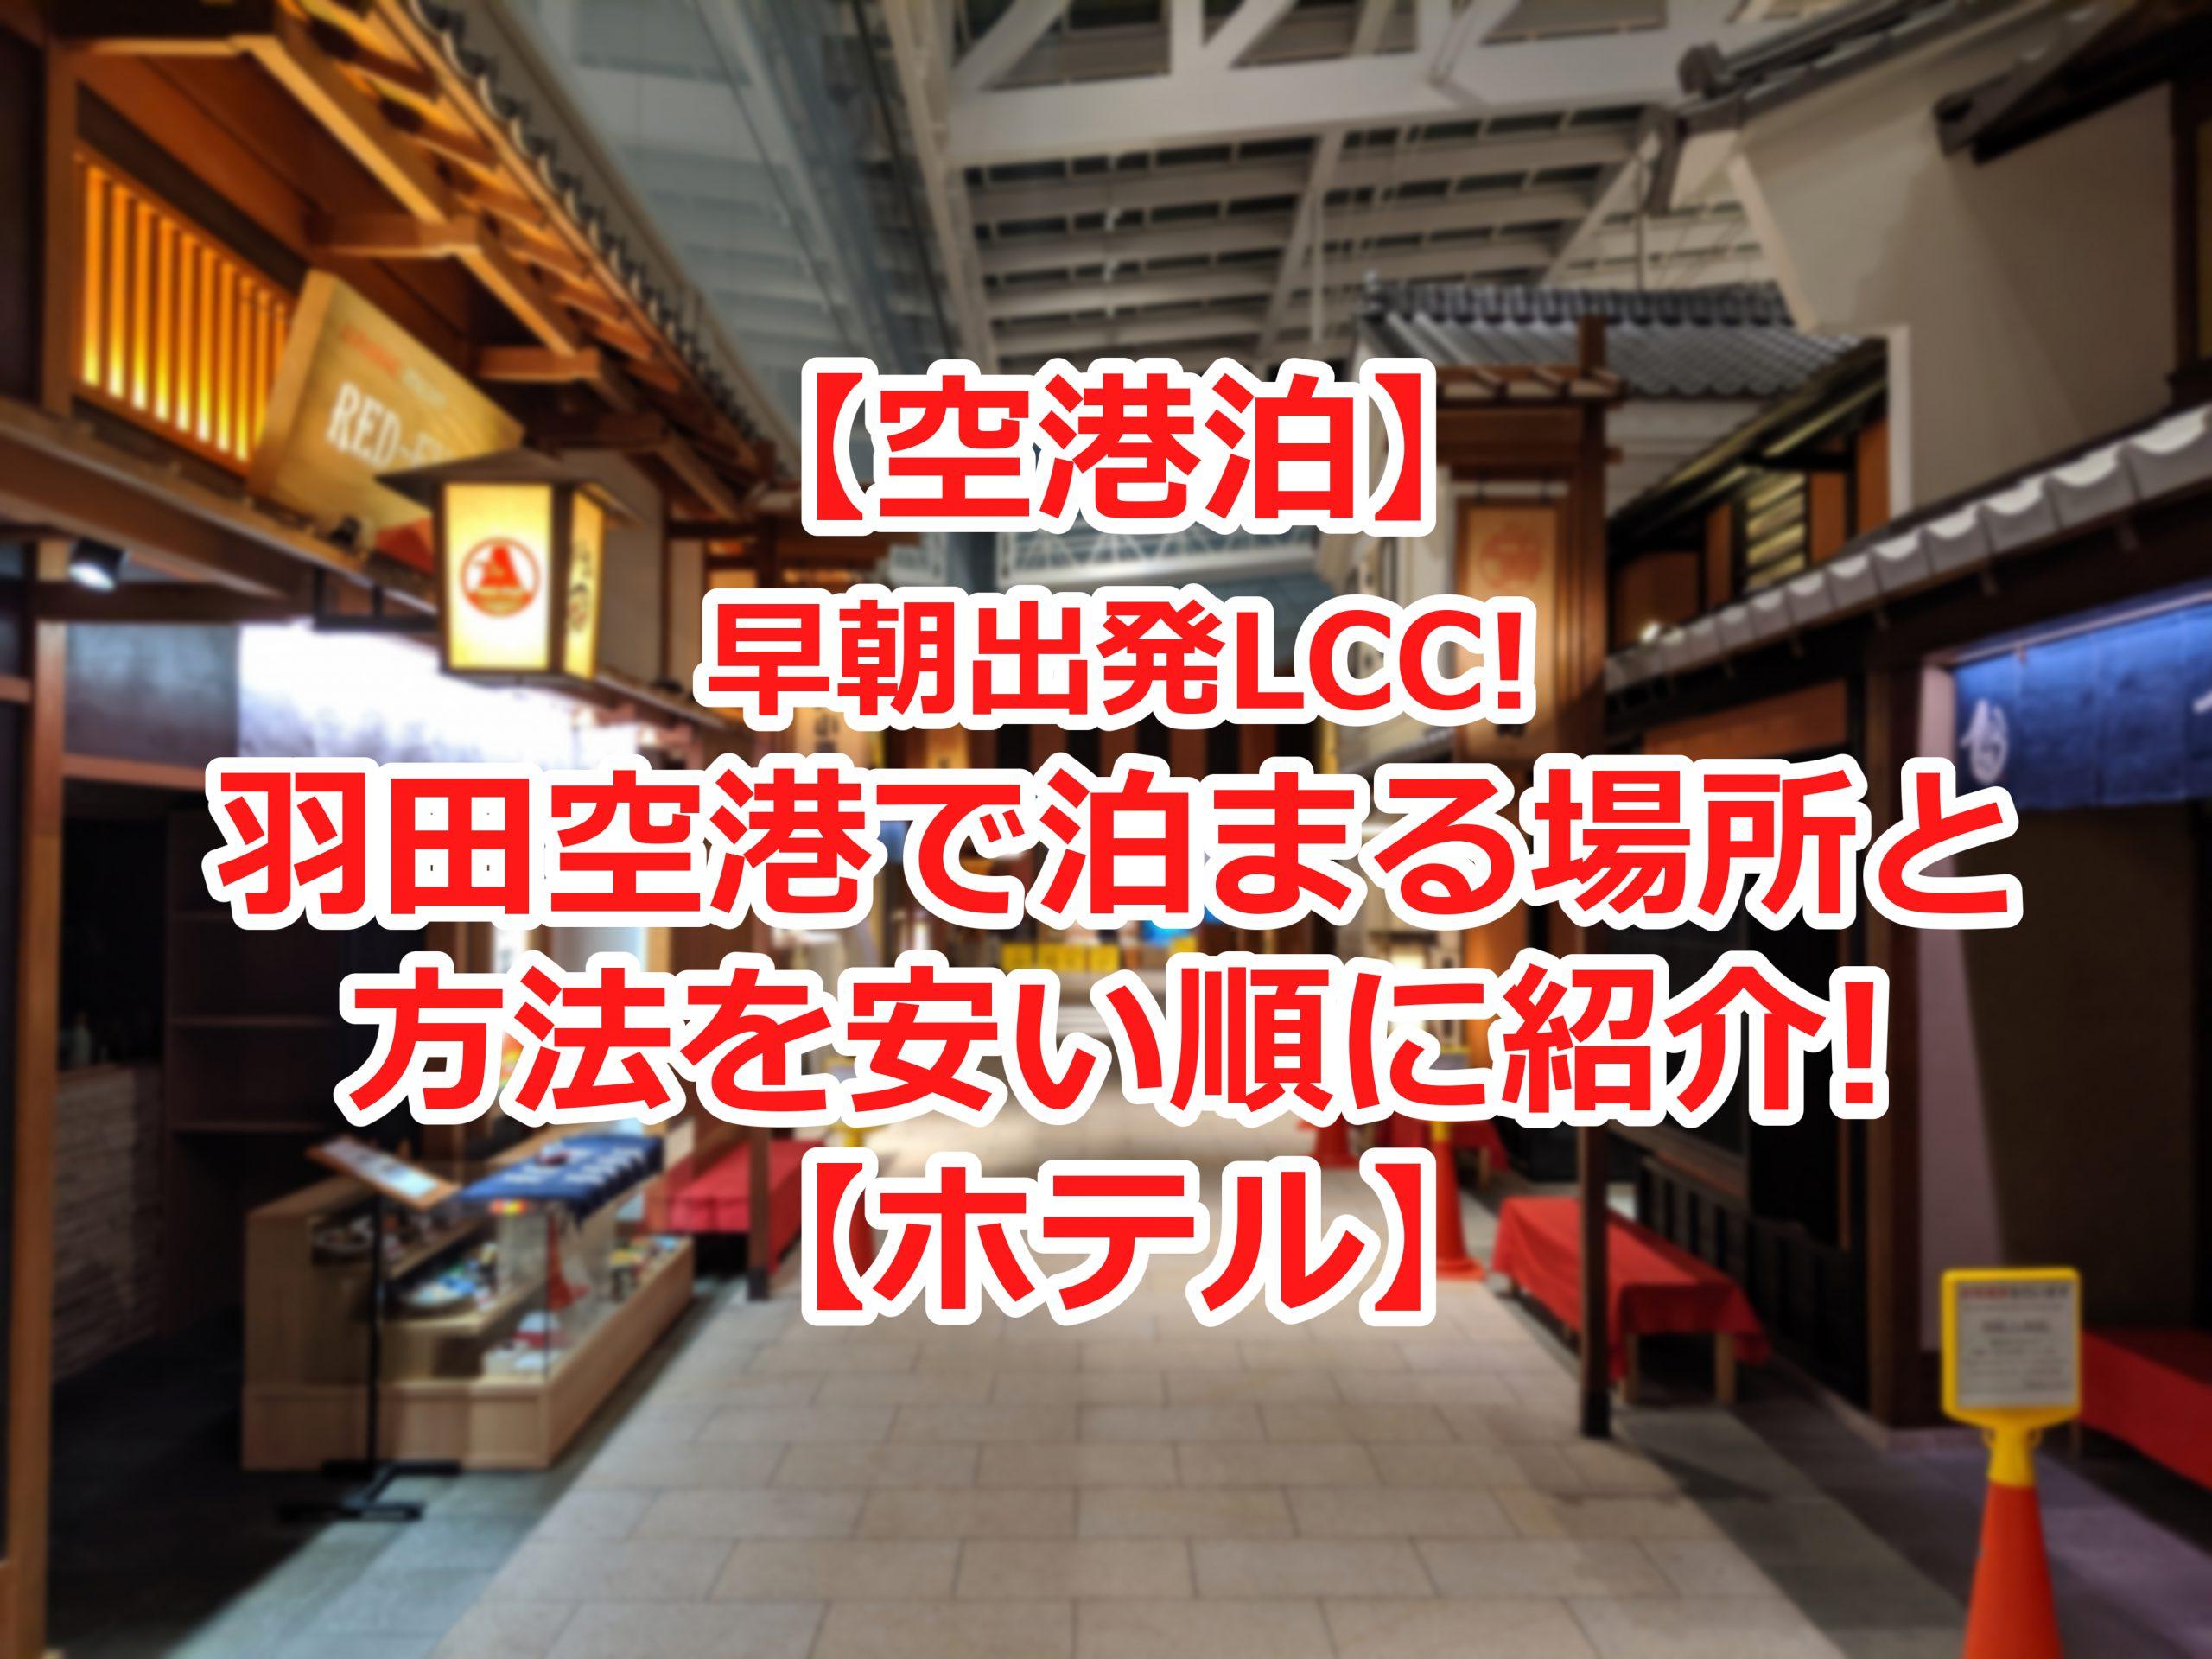 【空港泊】早朝出発LCC!羽田空港で泊まる場所と方法を安い順に紹介!【ホテル】